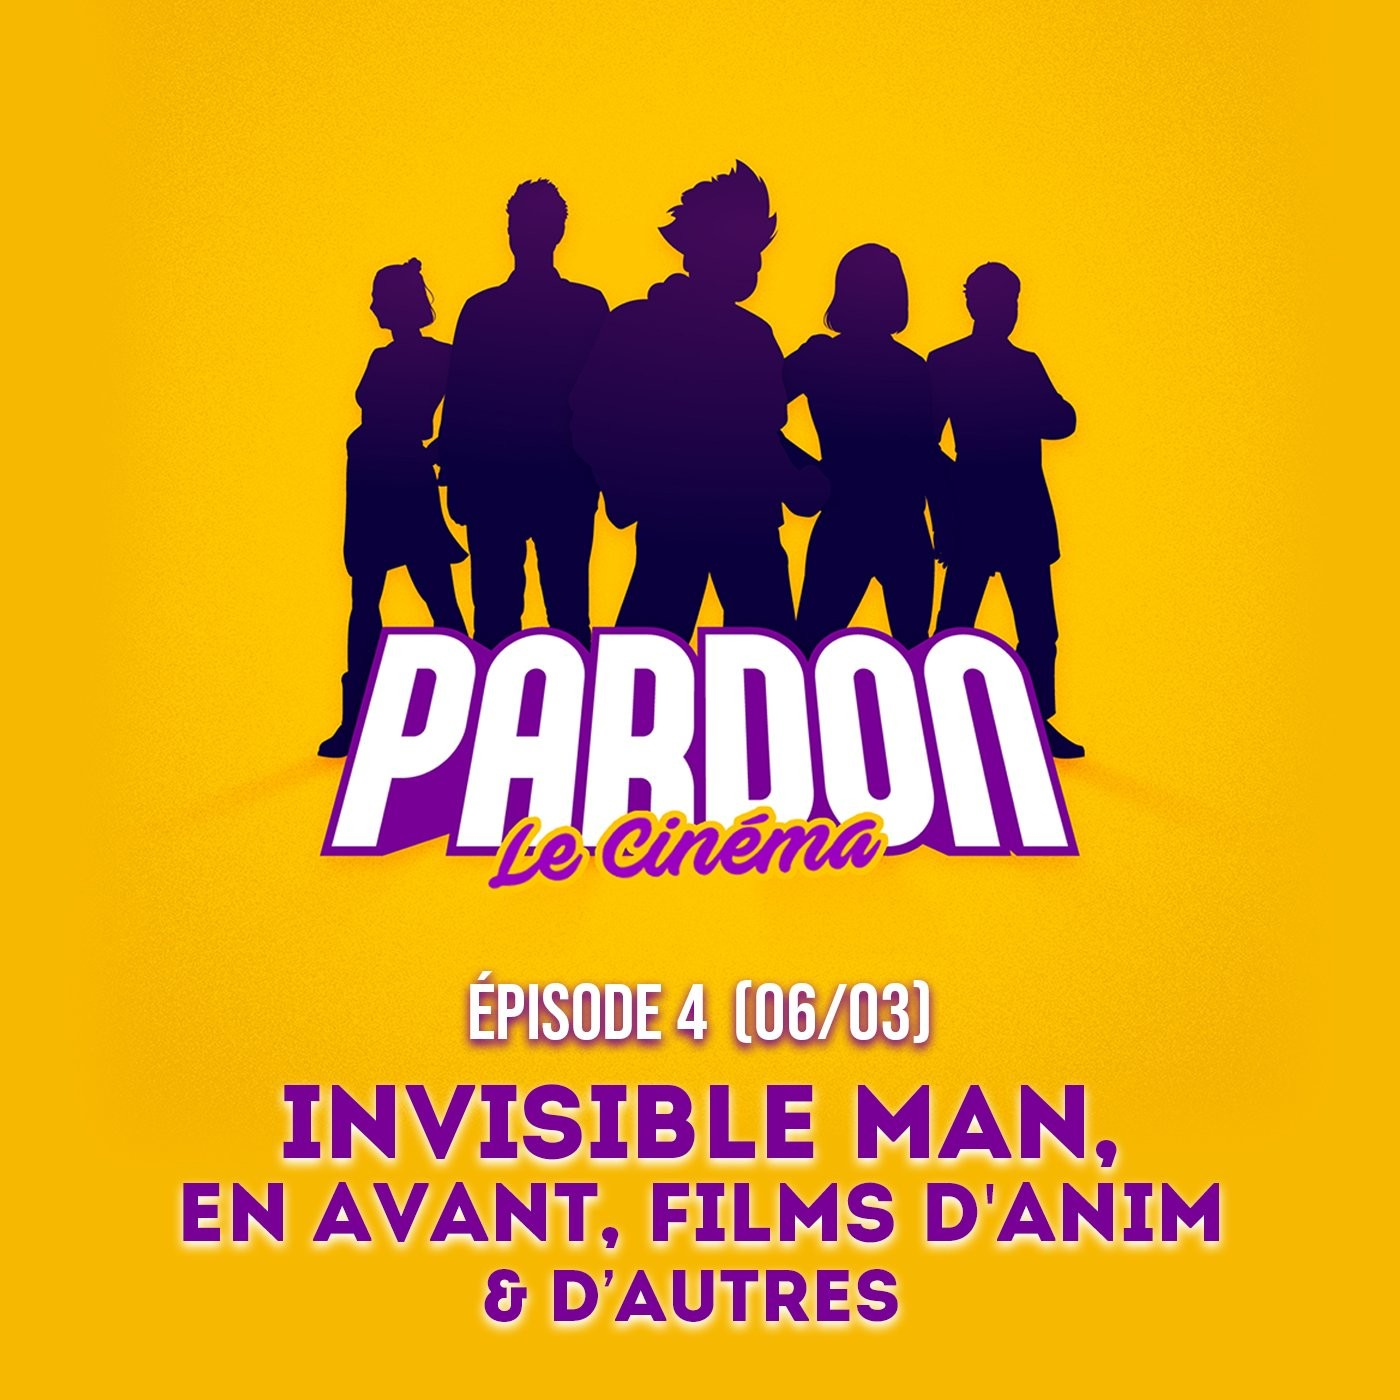 EN AVANT, INVISIBLE MAN, DES FILMS D'ANIM (& d'autres...)